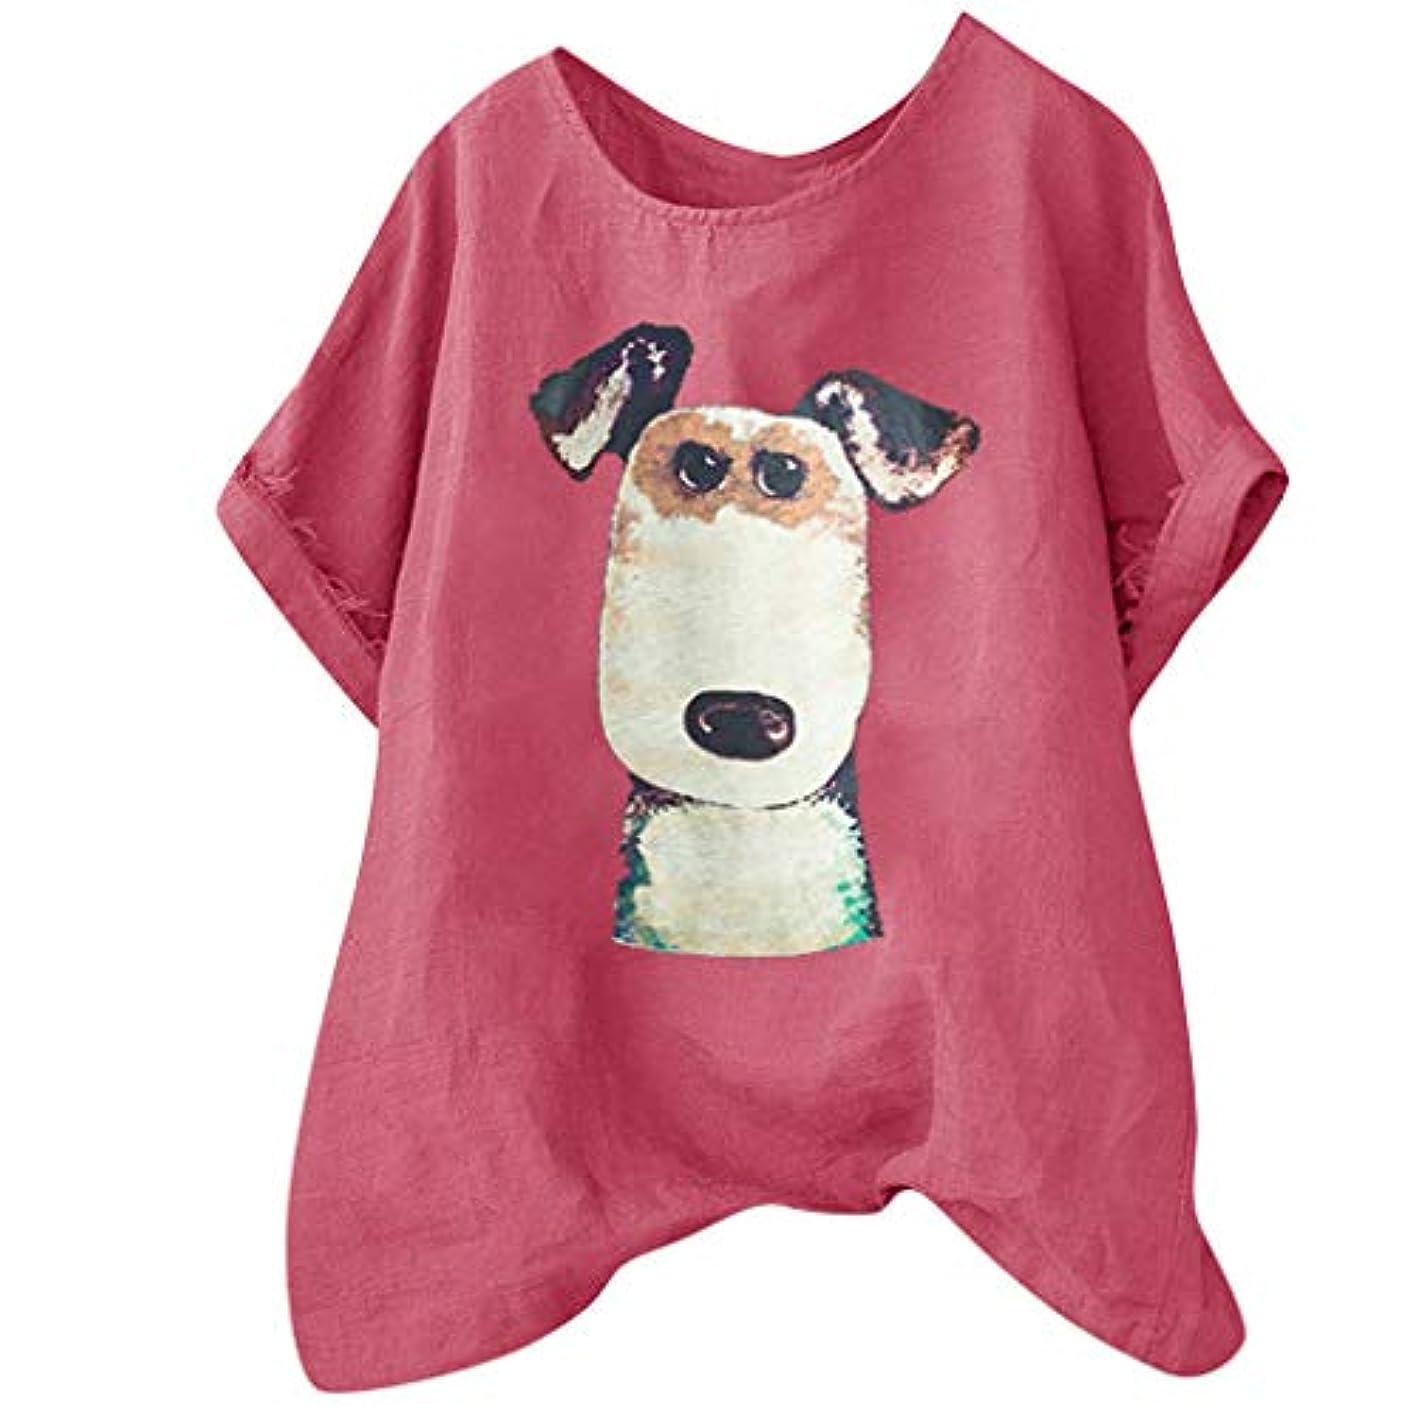 丘共役移動メンズ Tシャツ 可愛い ねこ柄 白t ストライプ模様 春夏秋 若者 気質 おしゃれ 夏服 多選択 猫模様 カジュアル 半袖 面白い 動物 ゆったり シンプル トップス 通勤 旅行 アウトドア tシャツ 人気